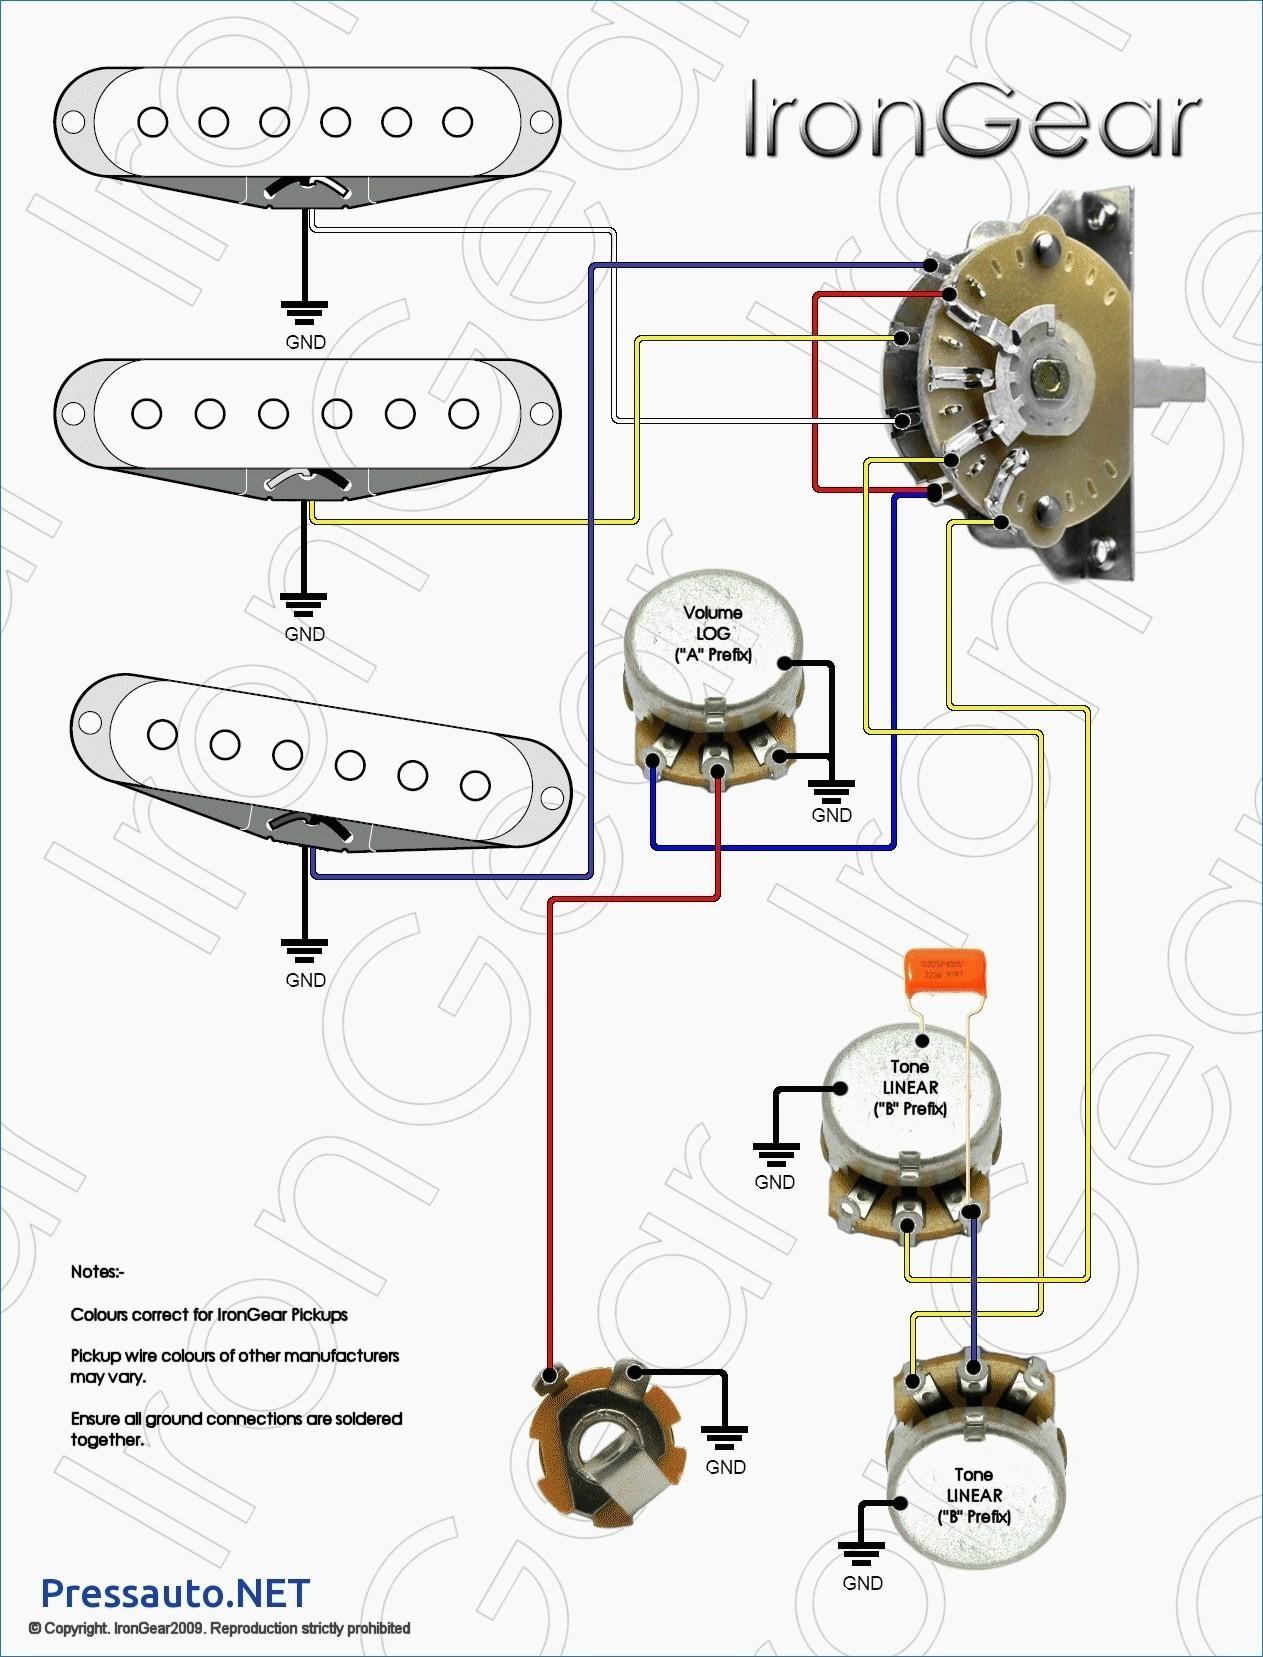 gretsch wiring diagram how to draw in visio wire schematics best library